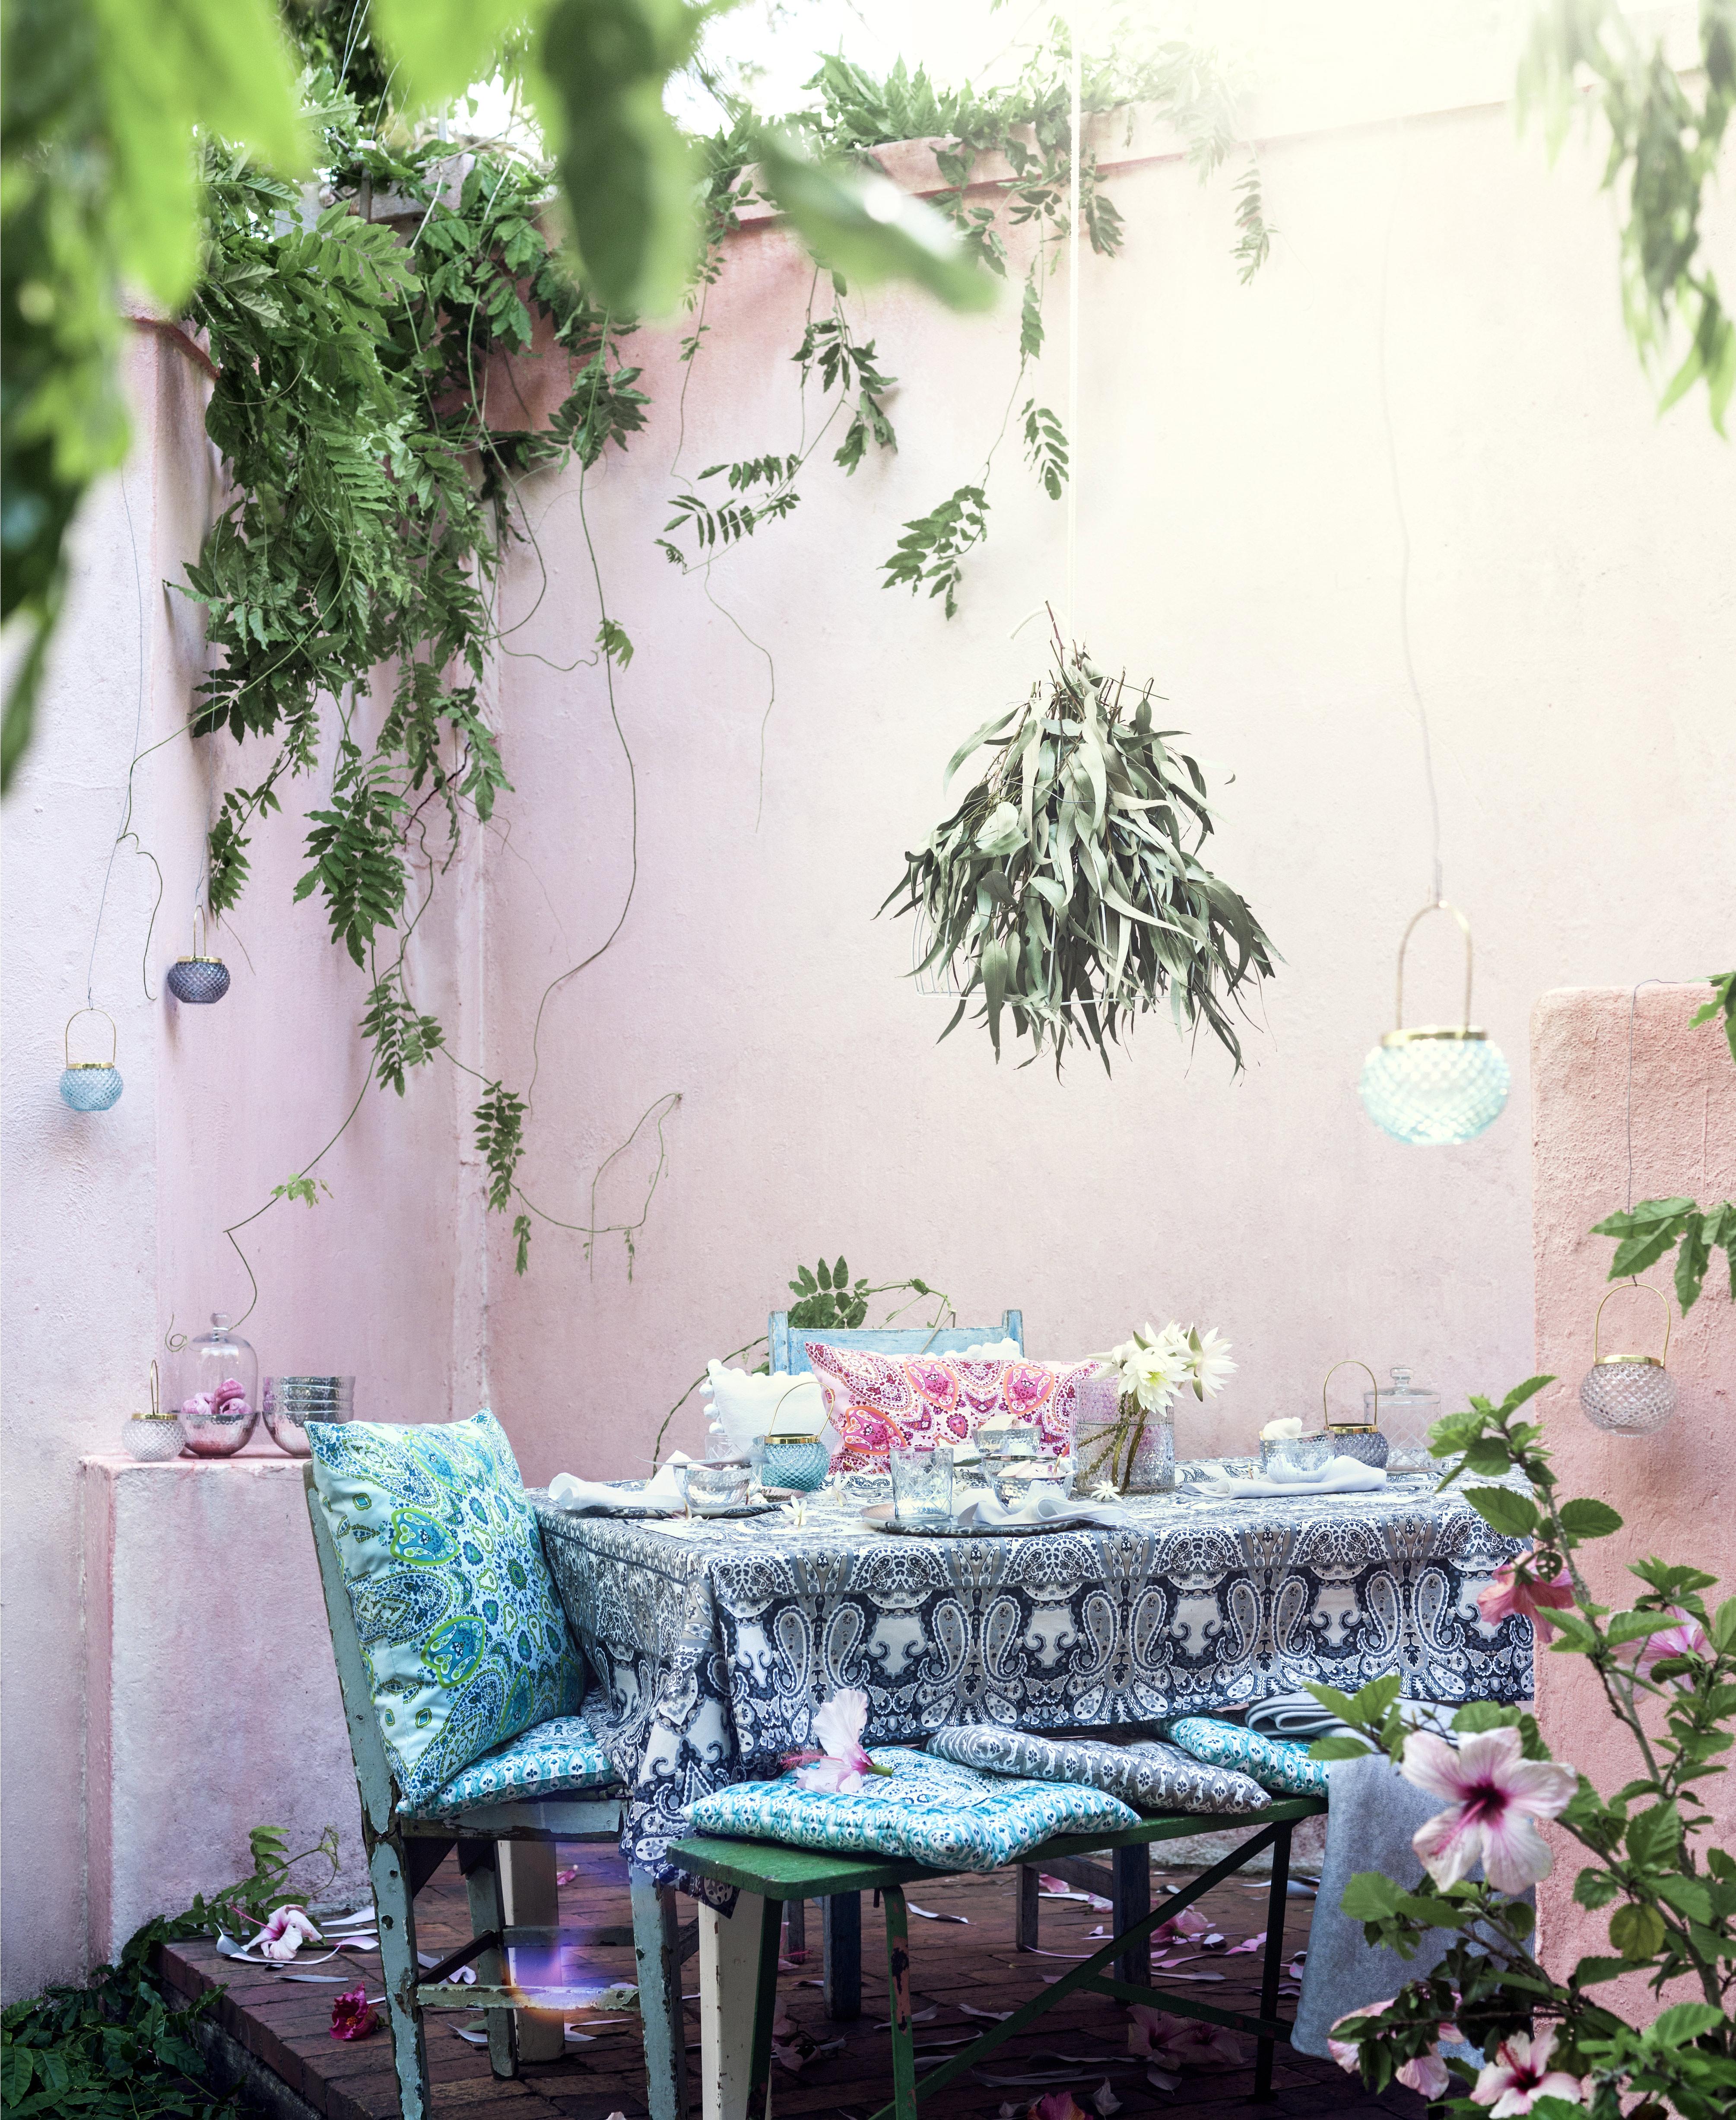 H m home ouvrira le 14 mai 2014 paris tolbiac meubles for Formation decoration interieur paris